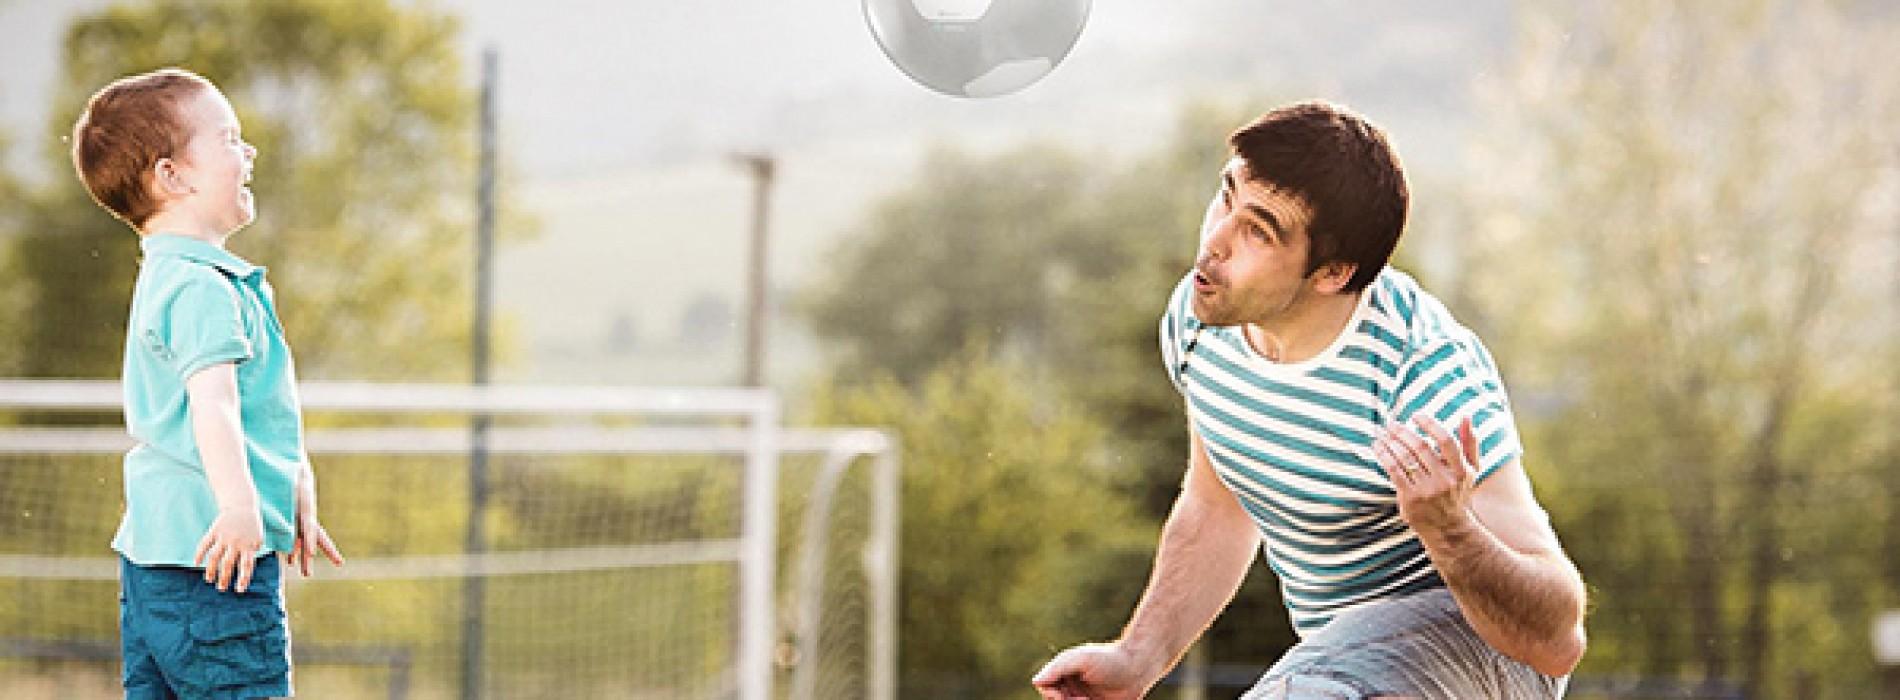 淨化空氣「玩具球」‧小朋友玩得健康